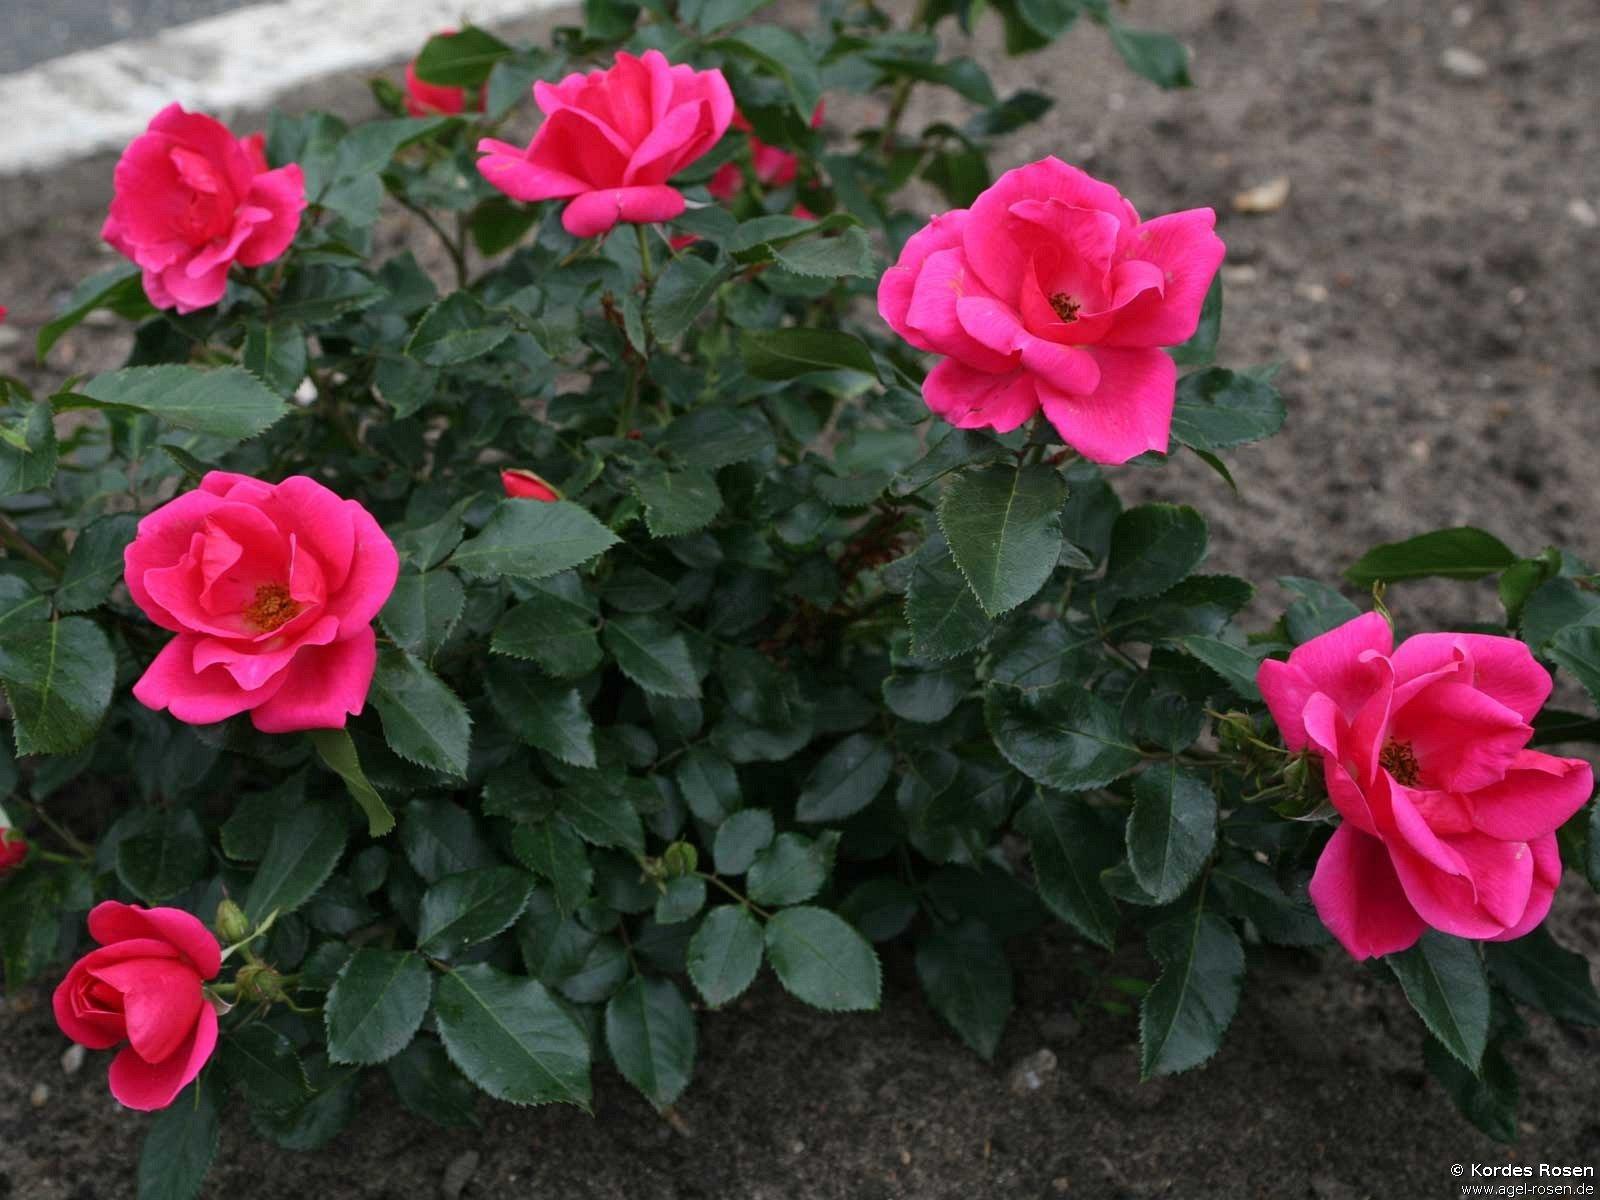 gartenfreund floribunda rose buy at agel rosen. Black Bedroom Furniture Sets. Home Design Ideas